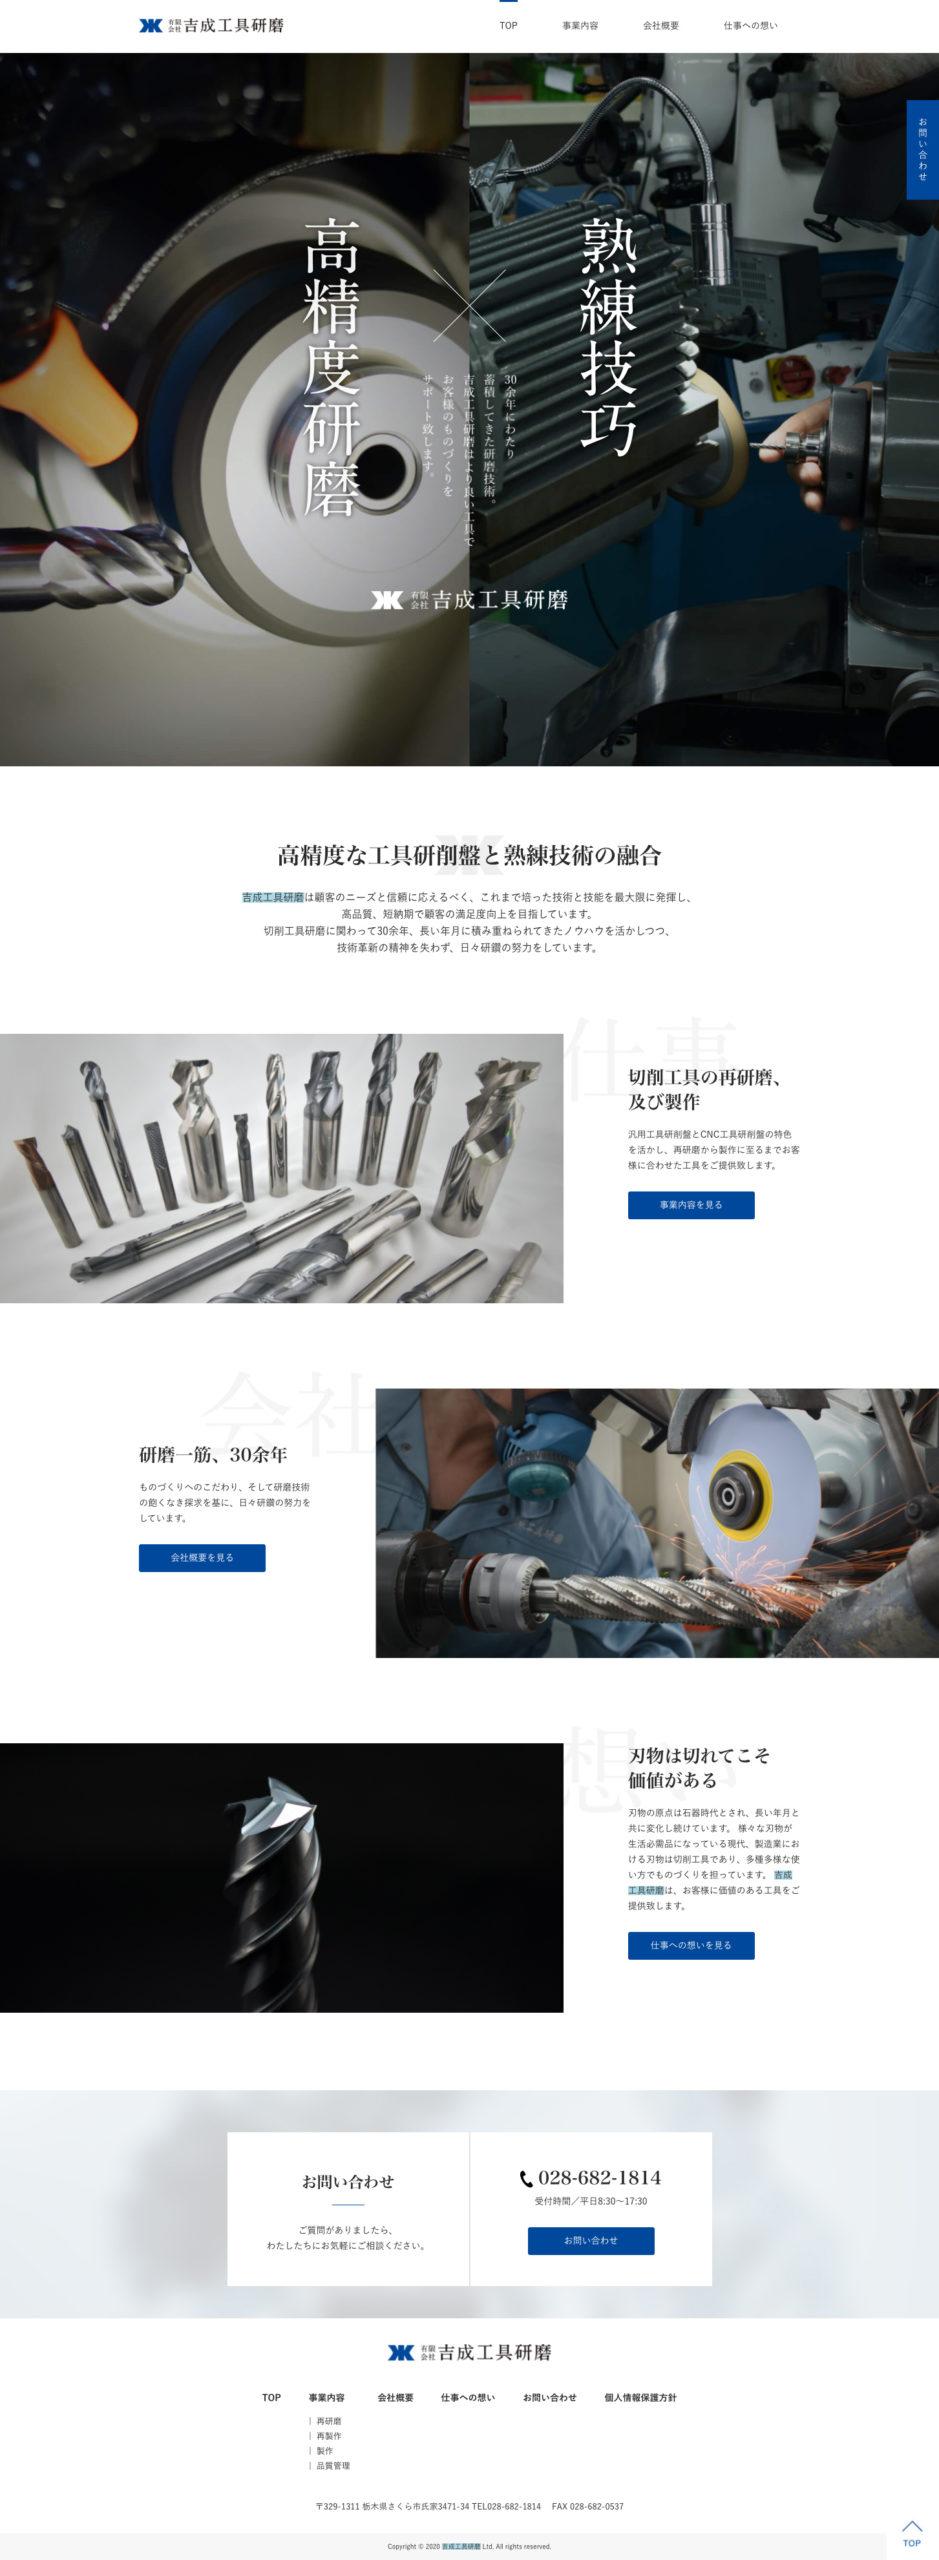 有限会社 吉成工具研磨WEBサイトTOPページ